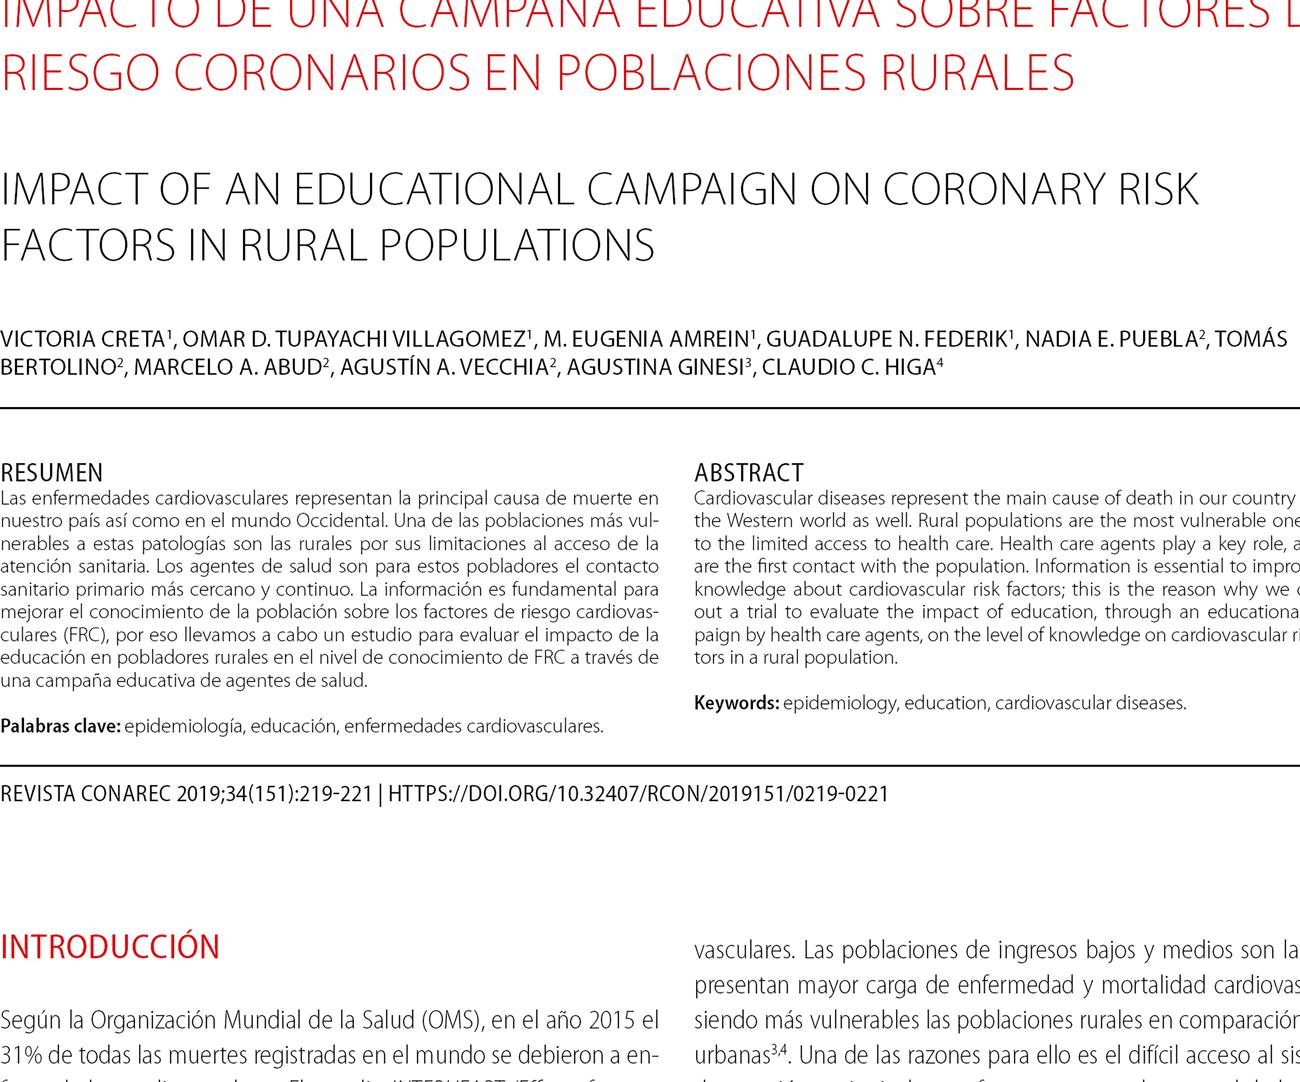 Impacto de una campaña educativa sobre factores de riesgo coronarios en poblaciones rurales